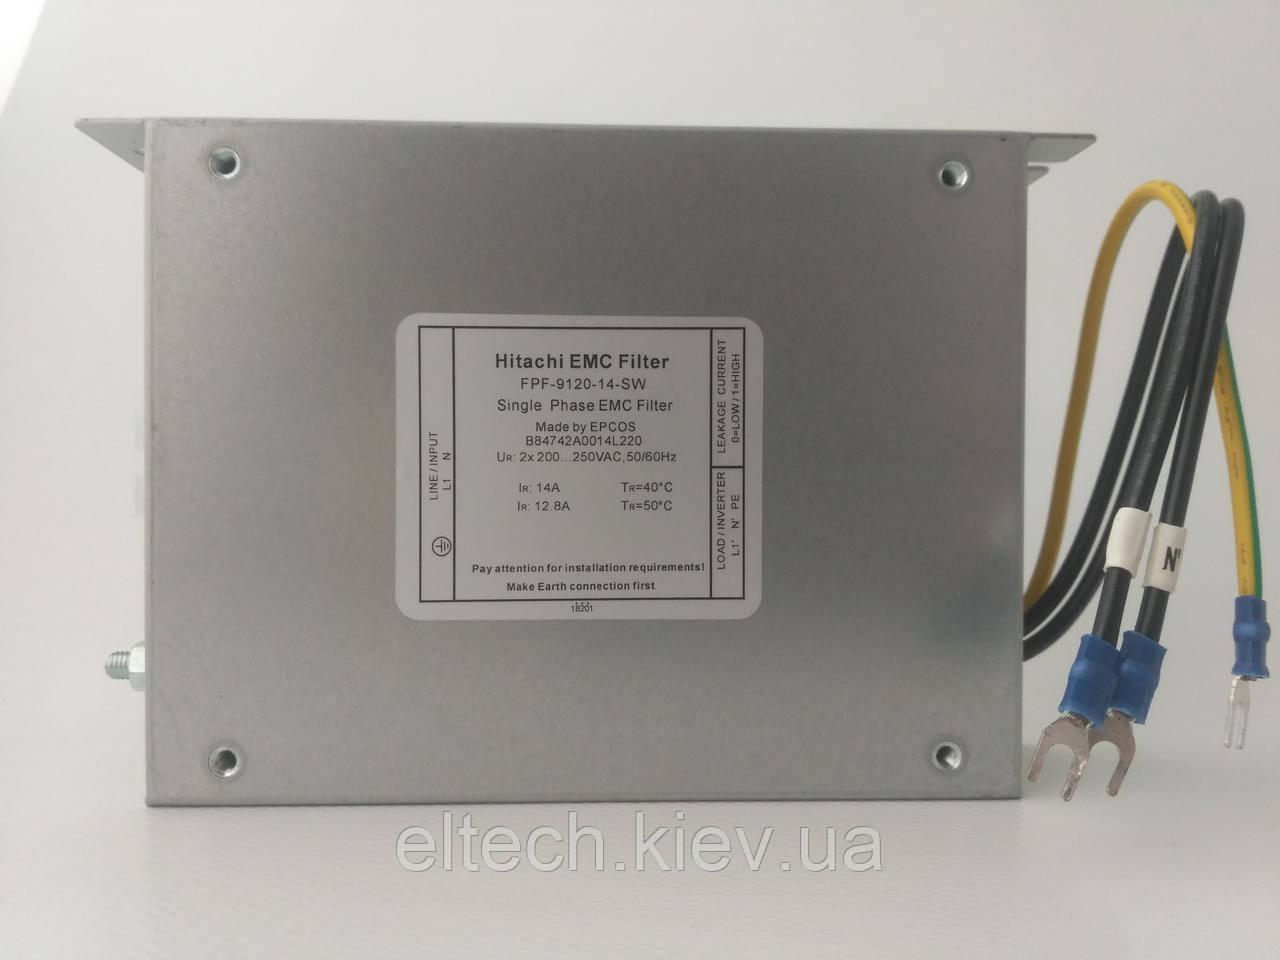 FPF-9120-14 для NE-S1-007SBE. Фильтр сетевой